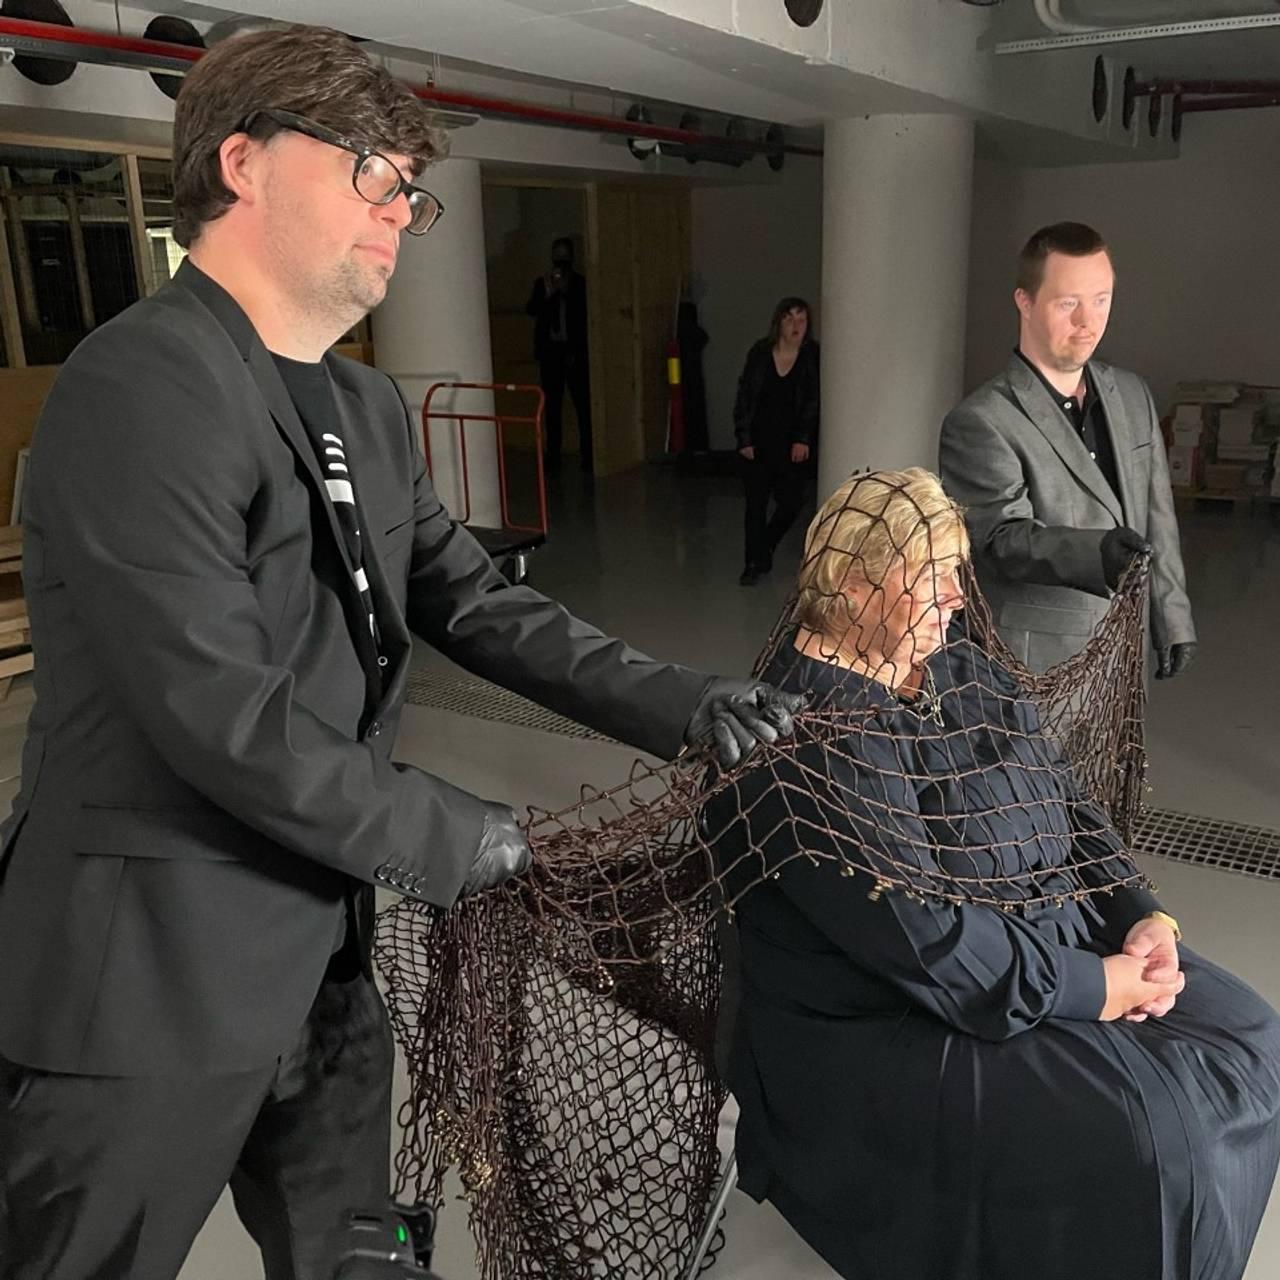 Statsminister Erna Solberg blir fanget av Detektiv Downs og hans medhjelpere.